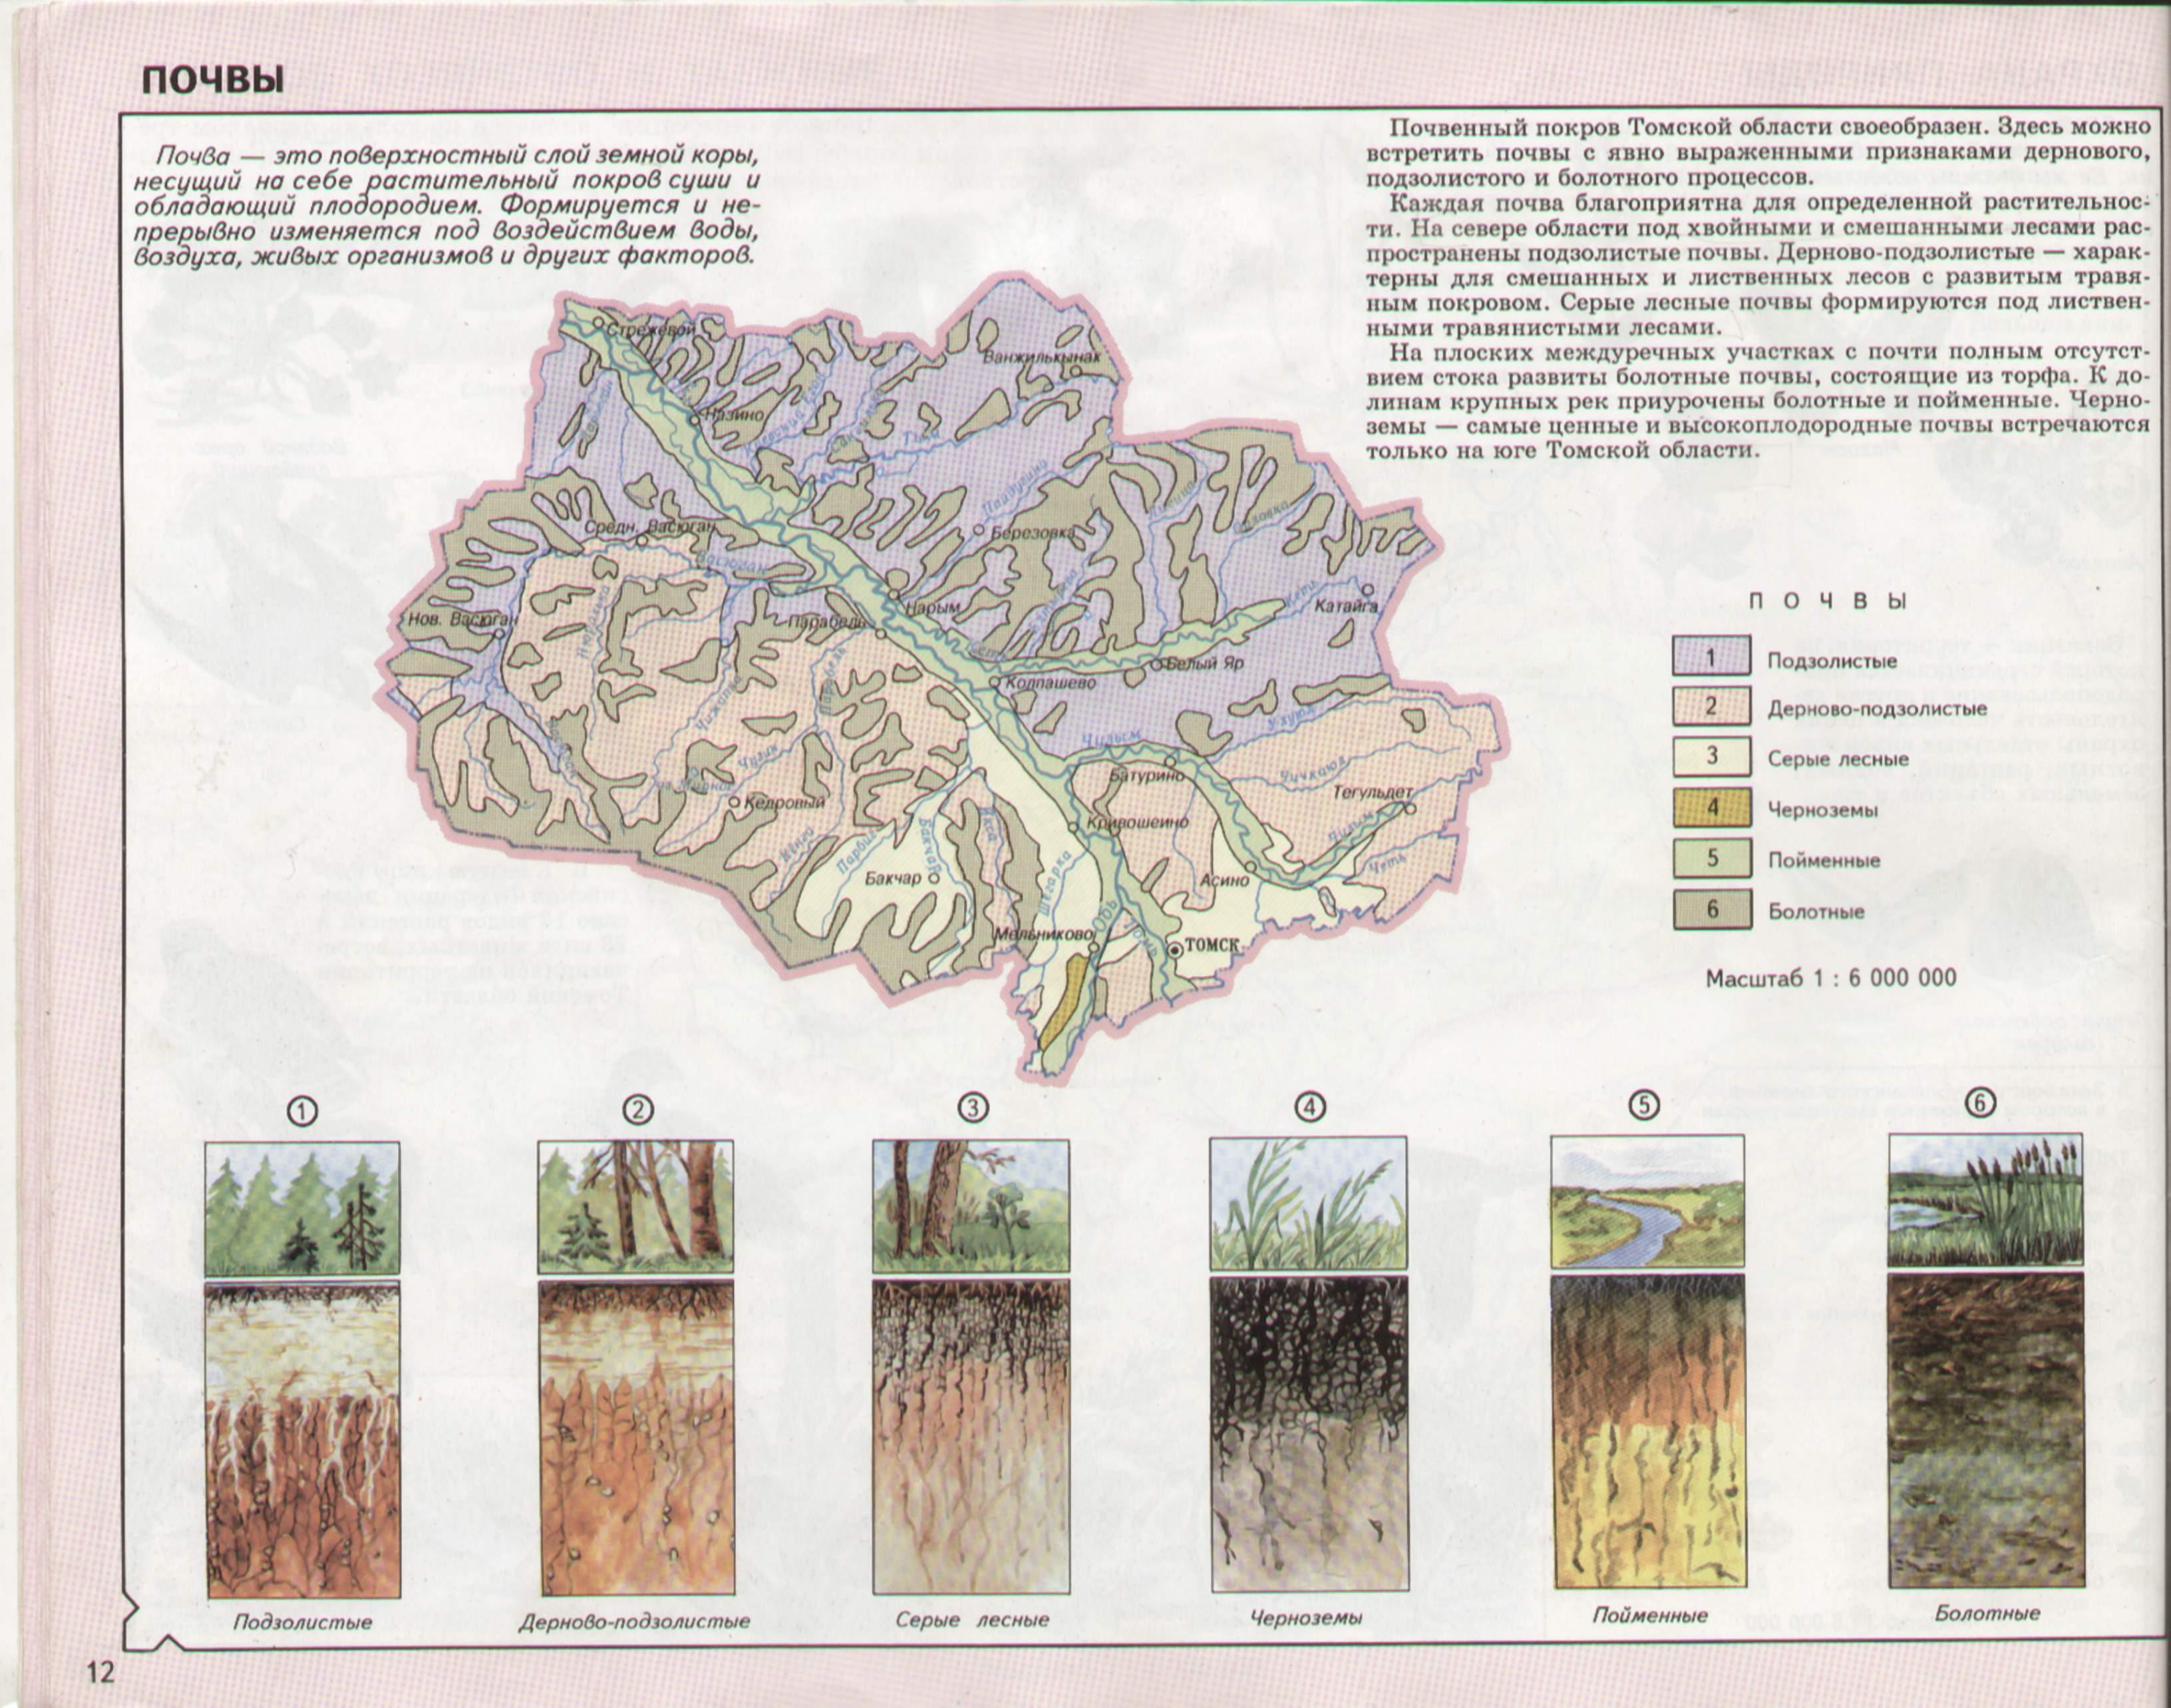 ощущение тепла карта грунта томской области художественных